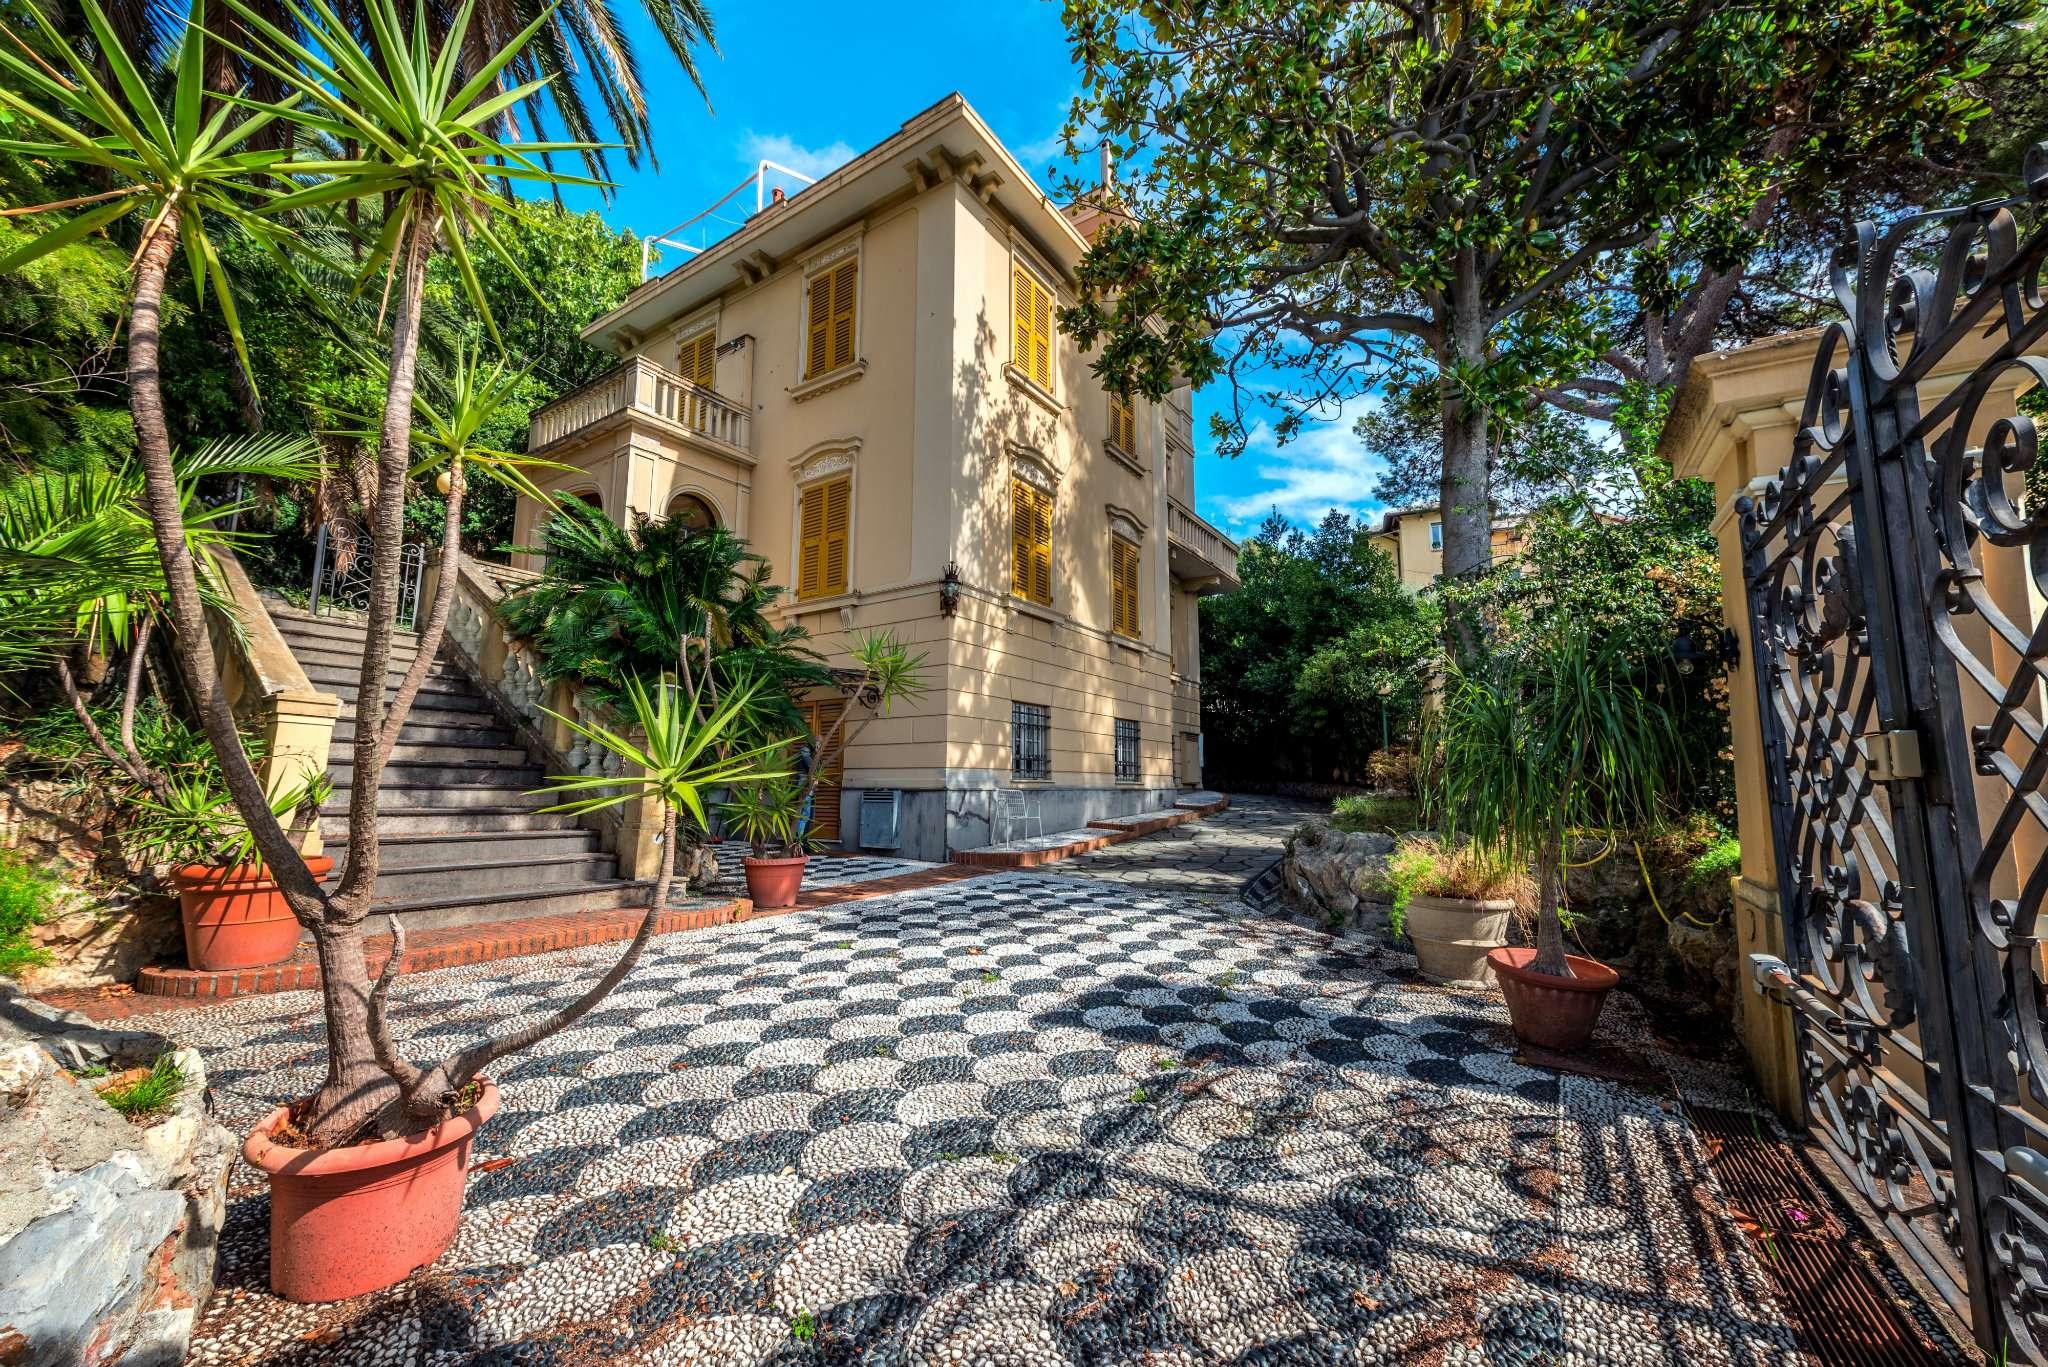 Villa unifamiliare indipendente in vendita a genova ge nervi cerco ville case a genova - Vendita villa con piscina genova ...